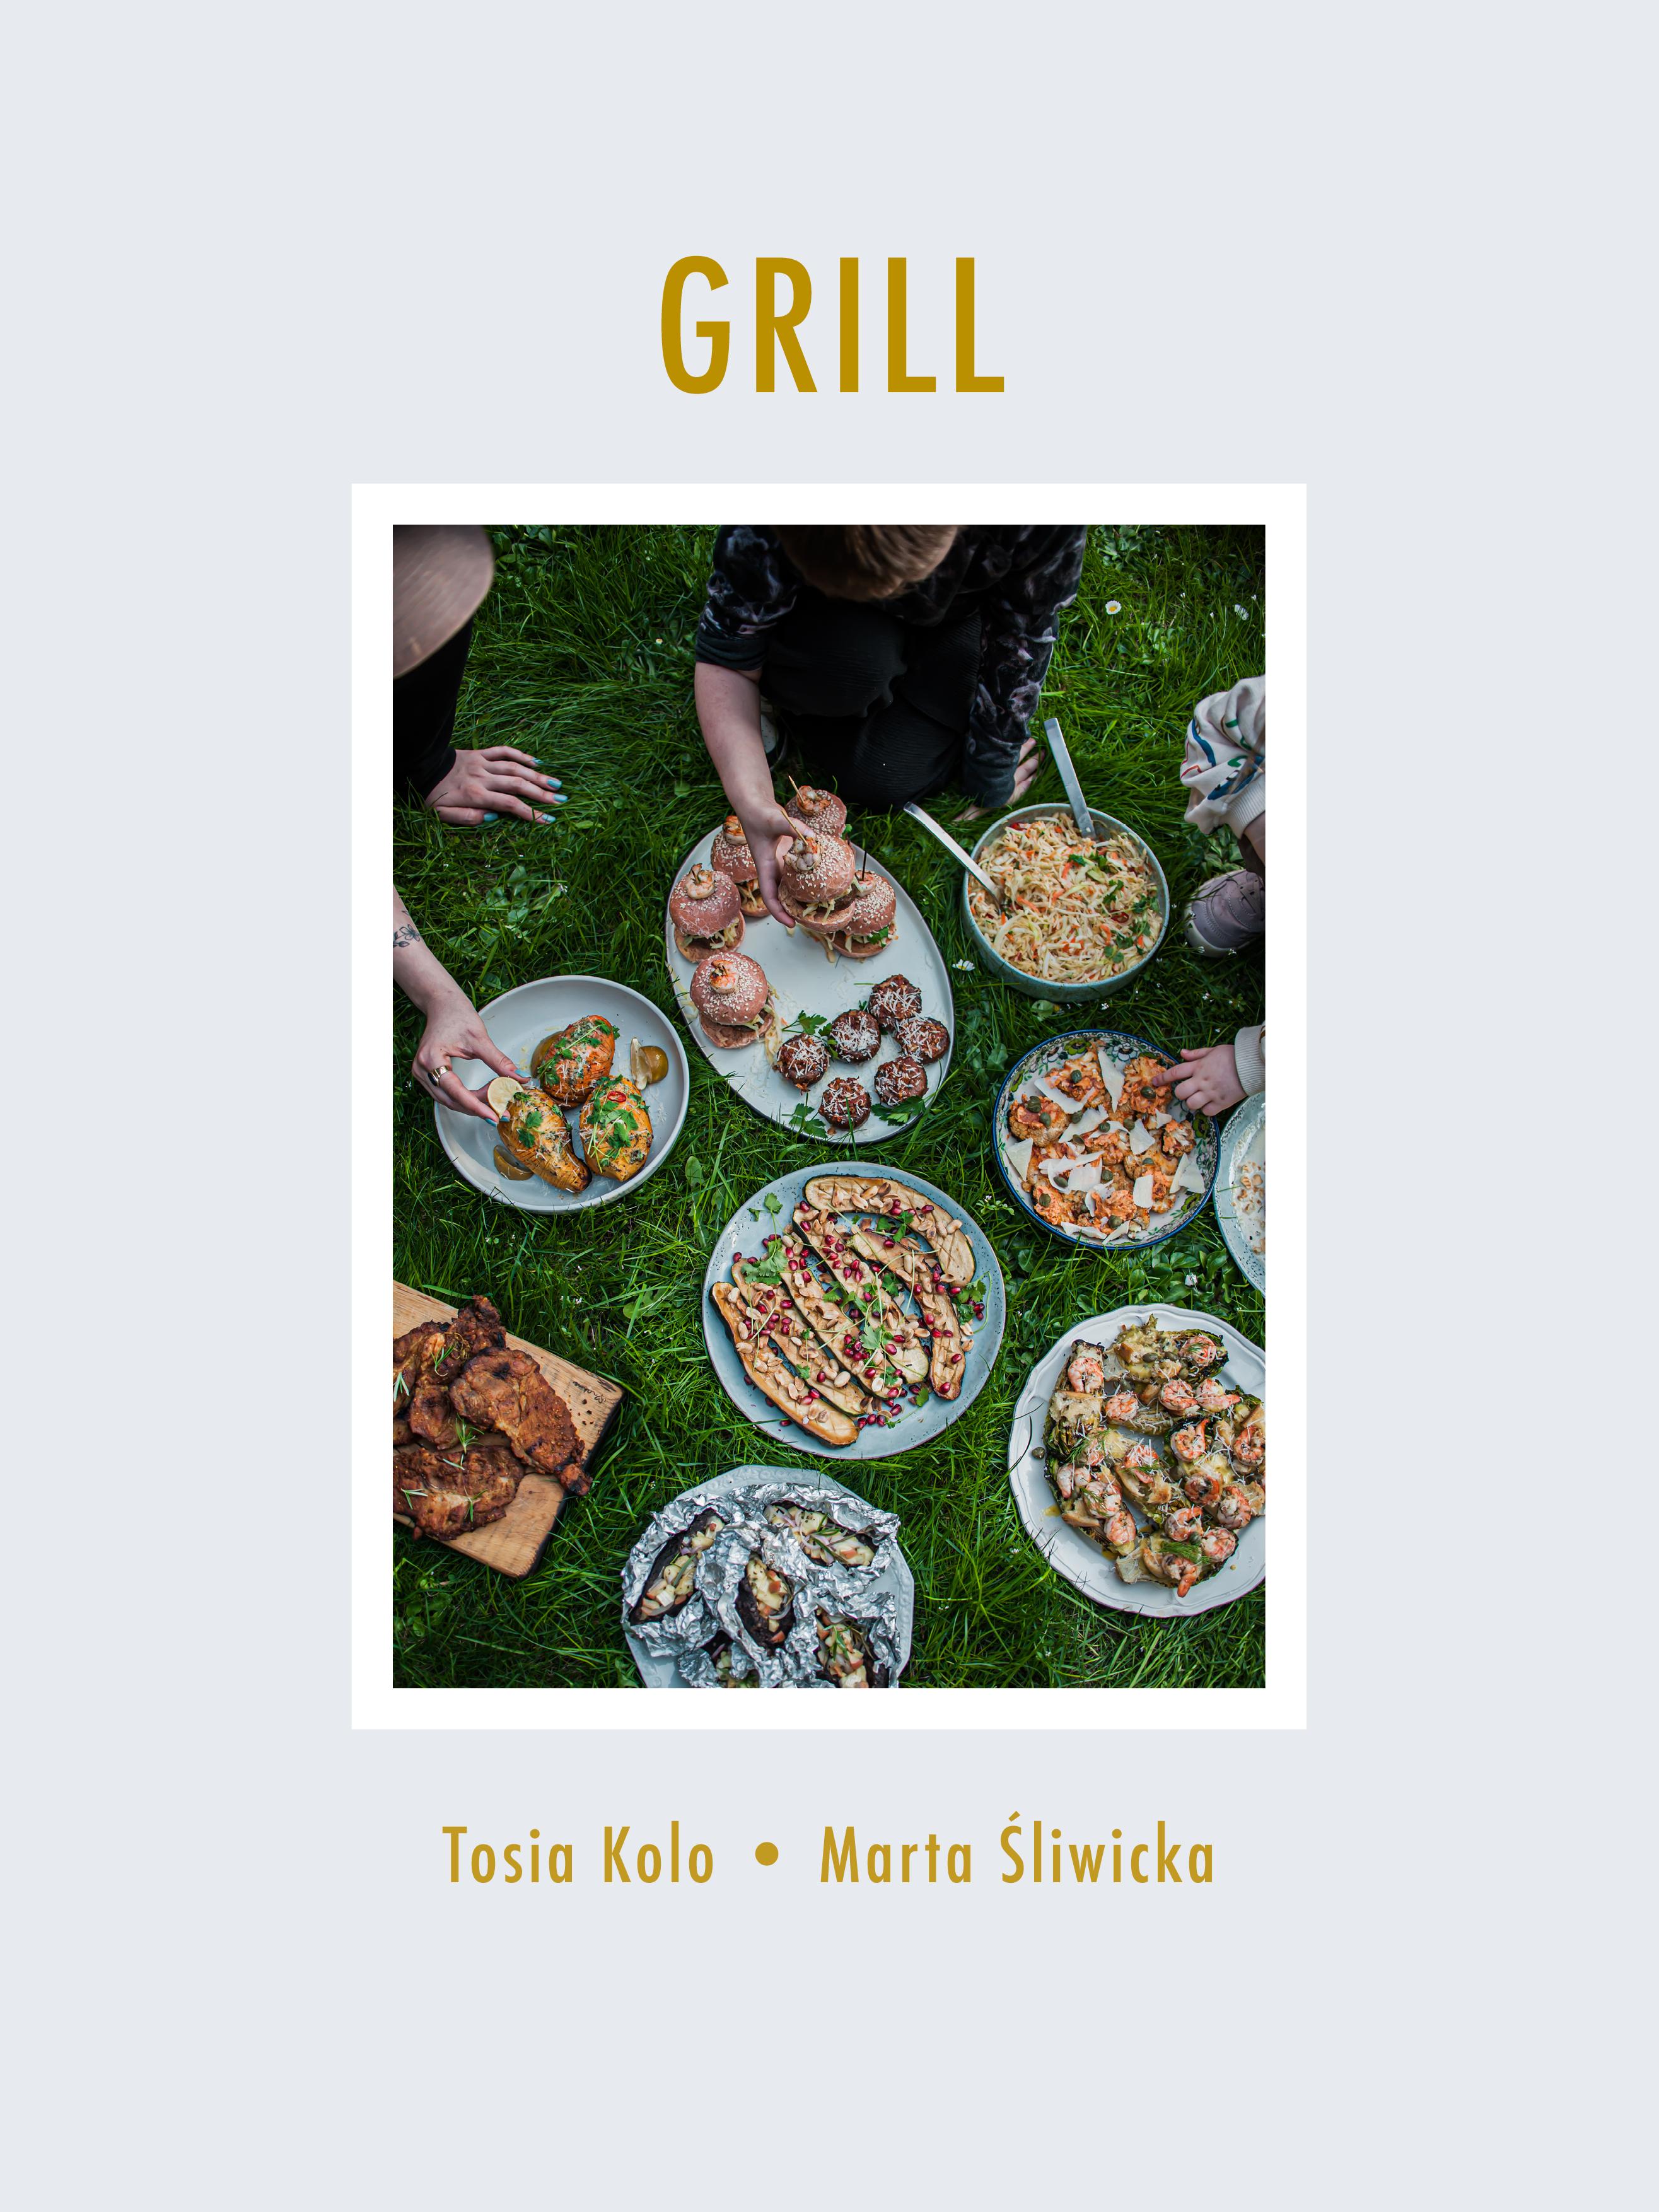 Projekt Uczta: Grill